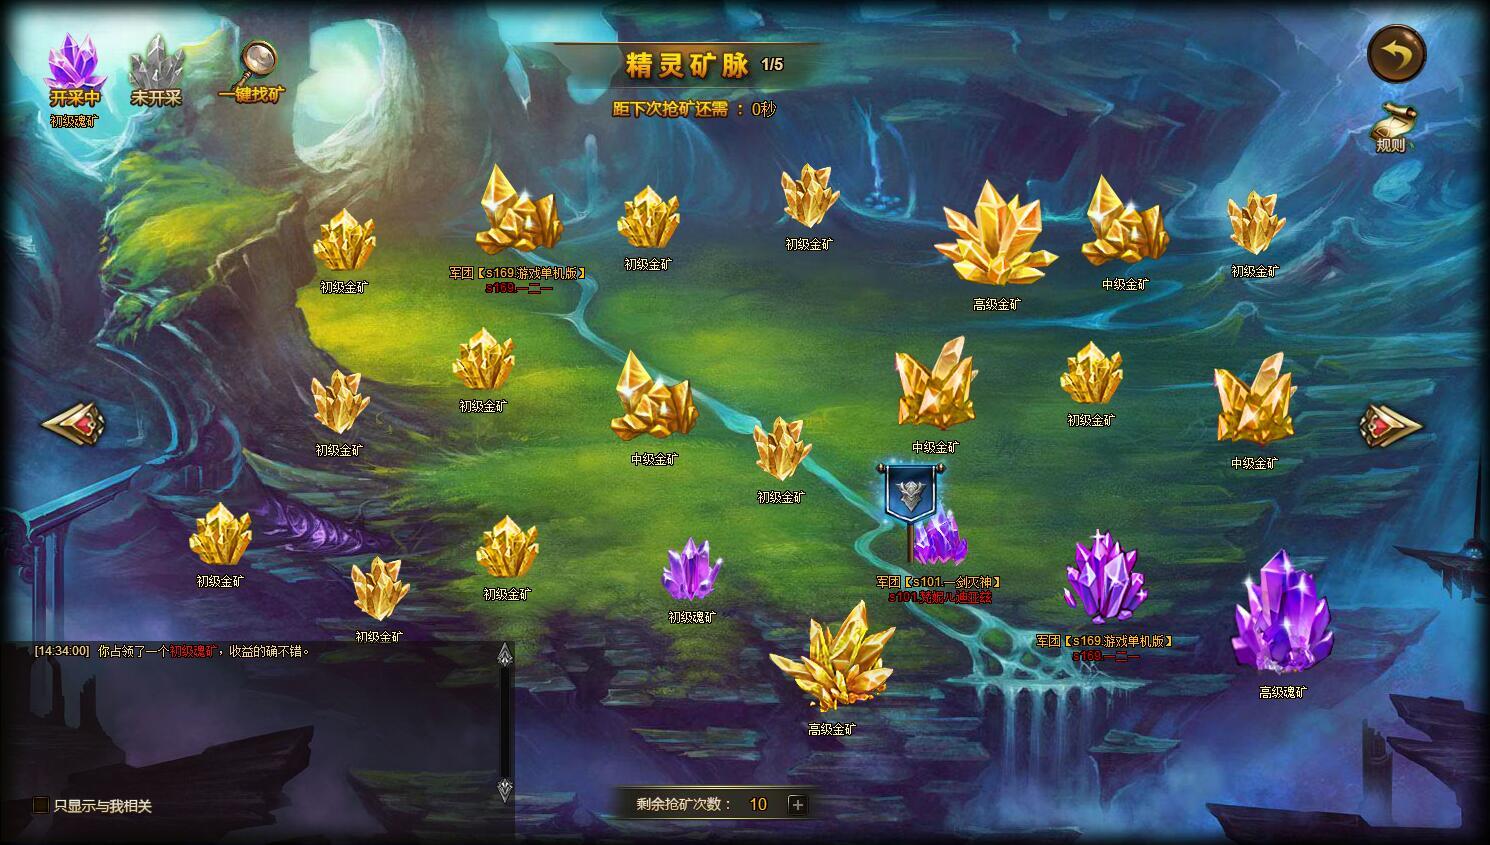 烈焰神魔游戏截图2